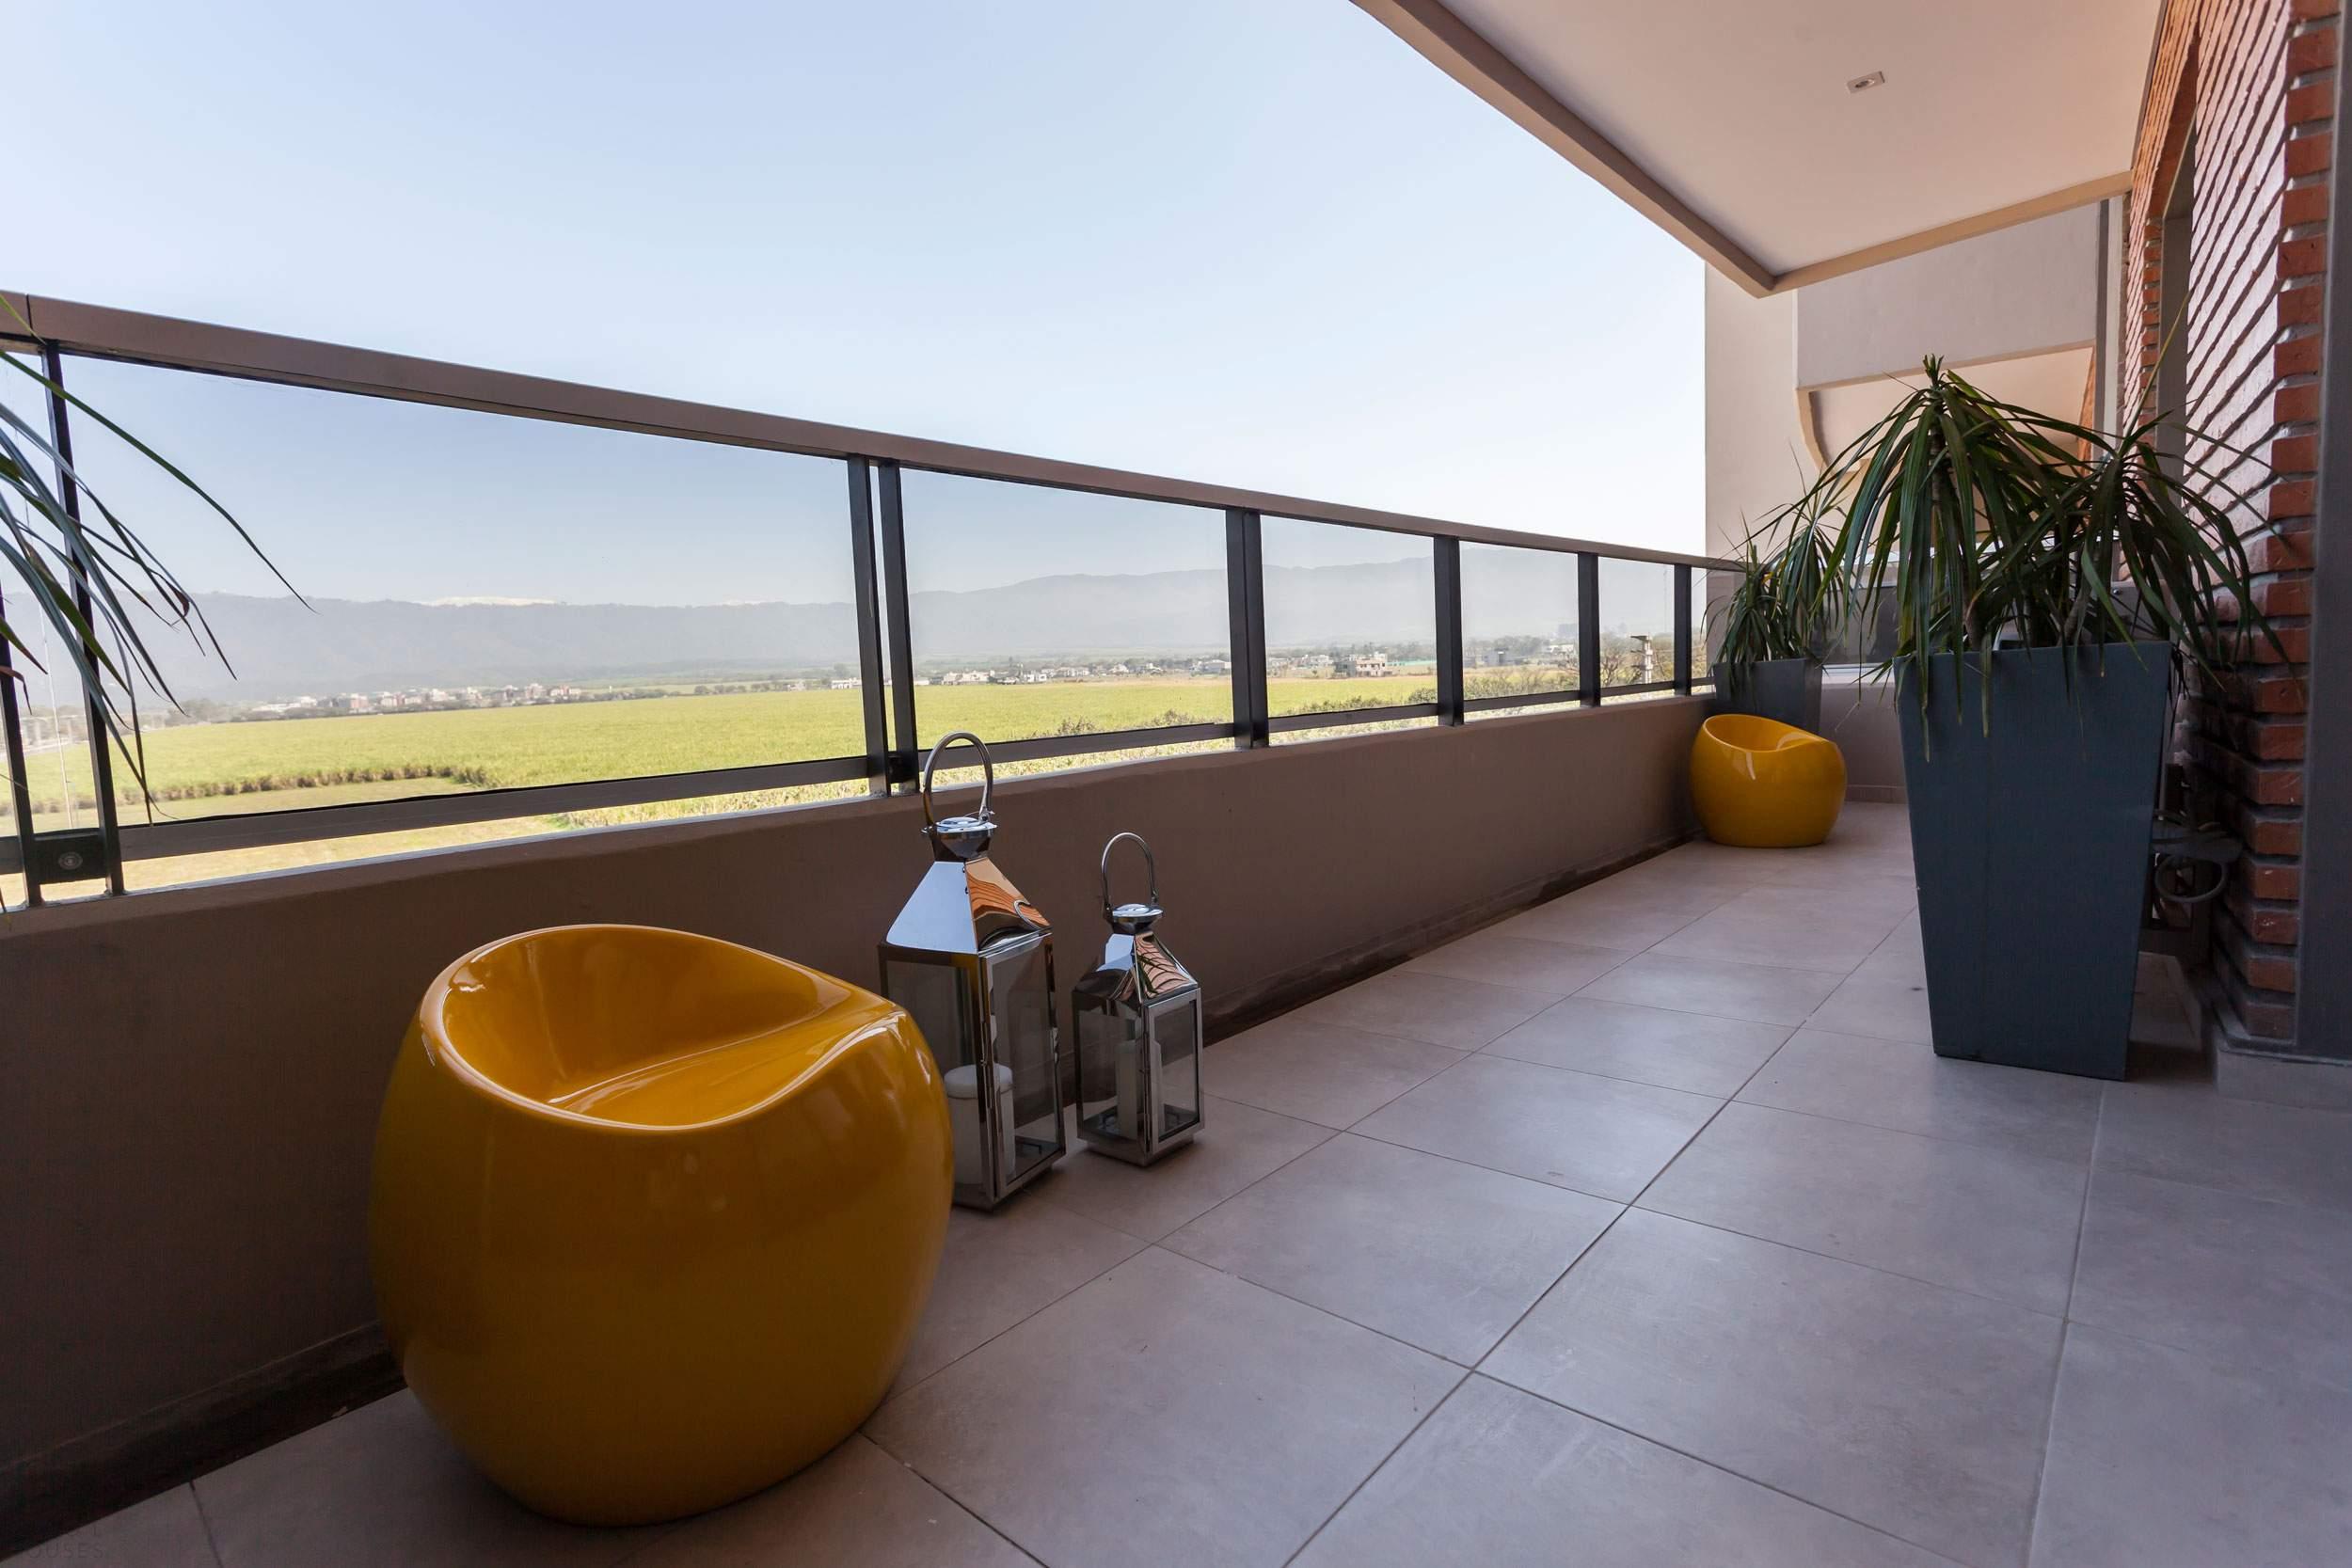 Современная квартира в нейтральной цветовой палитре в Аргентине